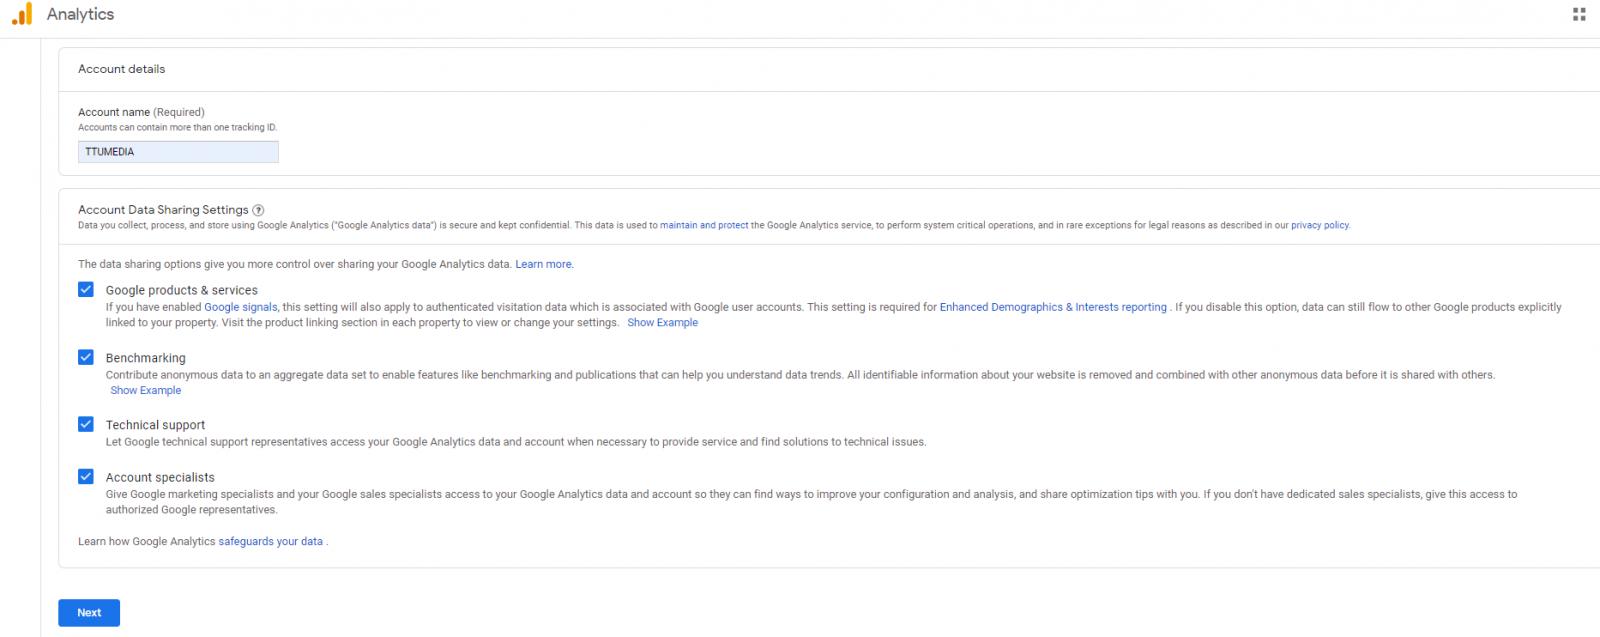 Khai báo thông tin tài khoản google analytic